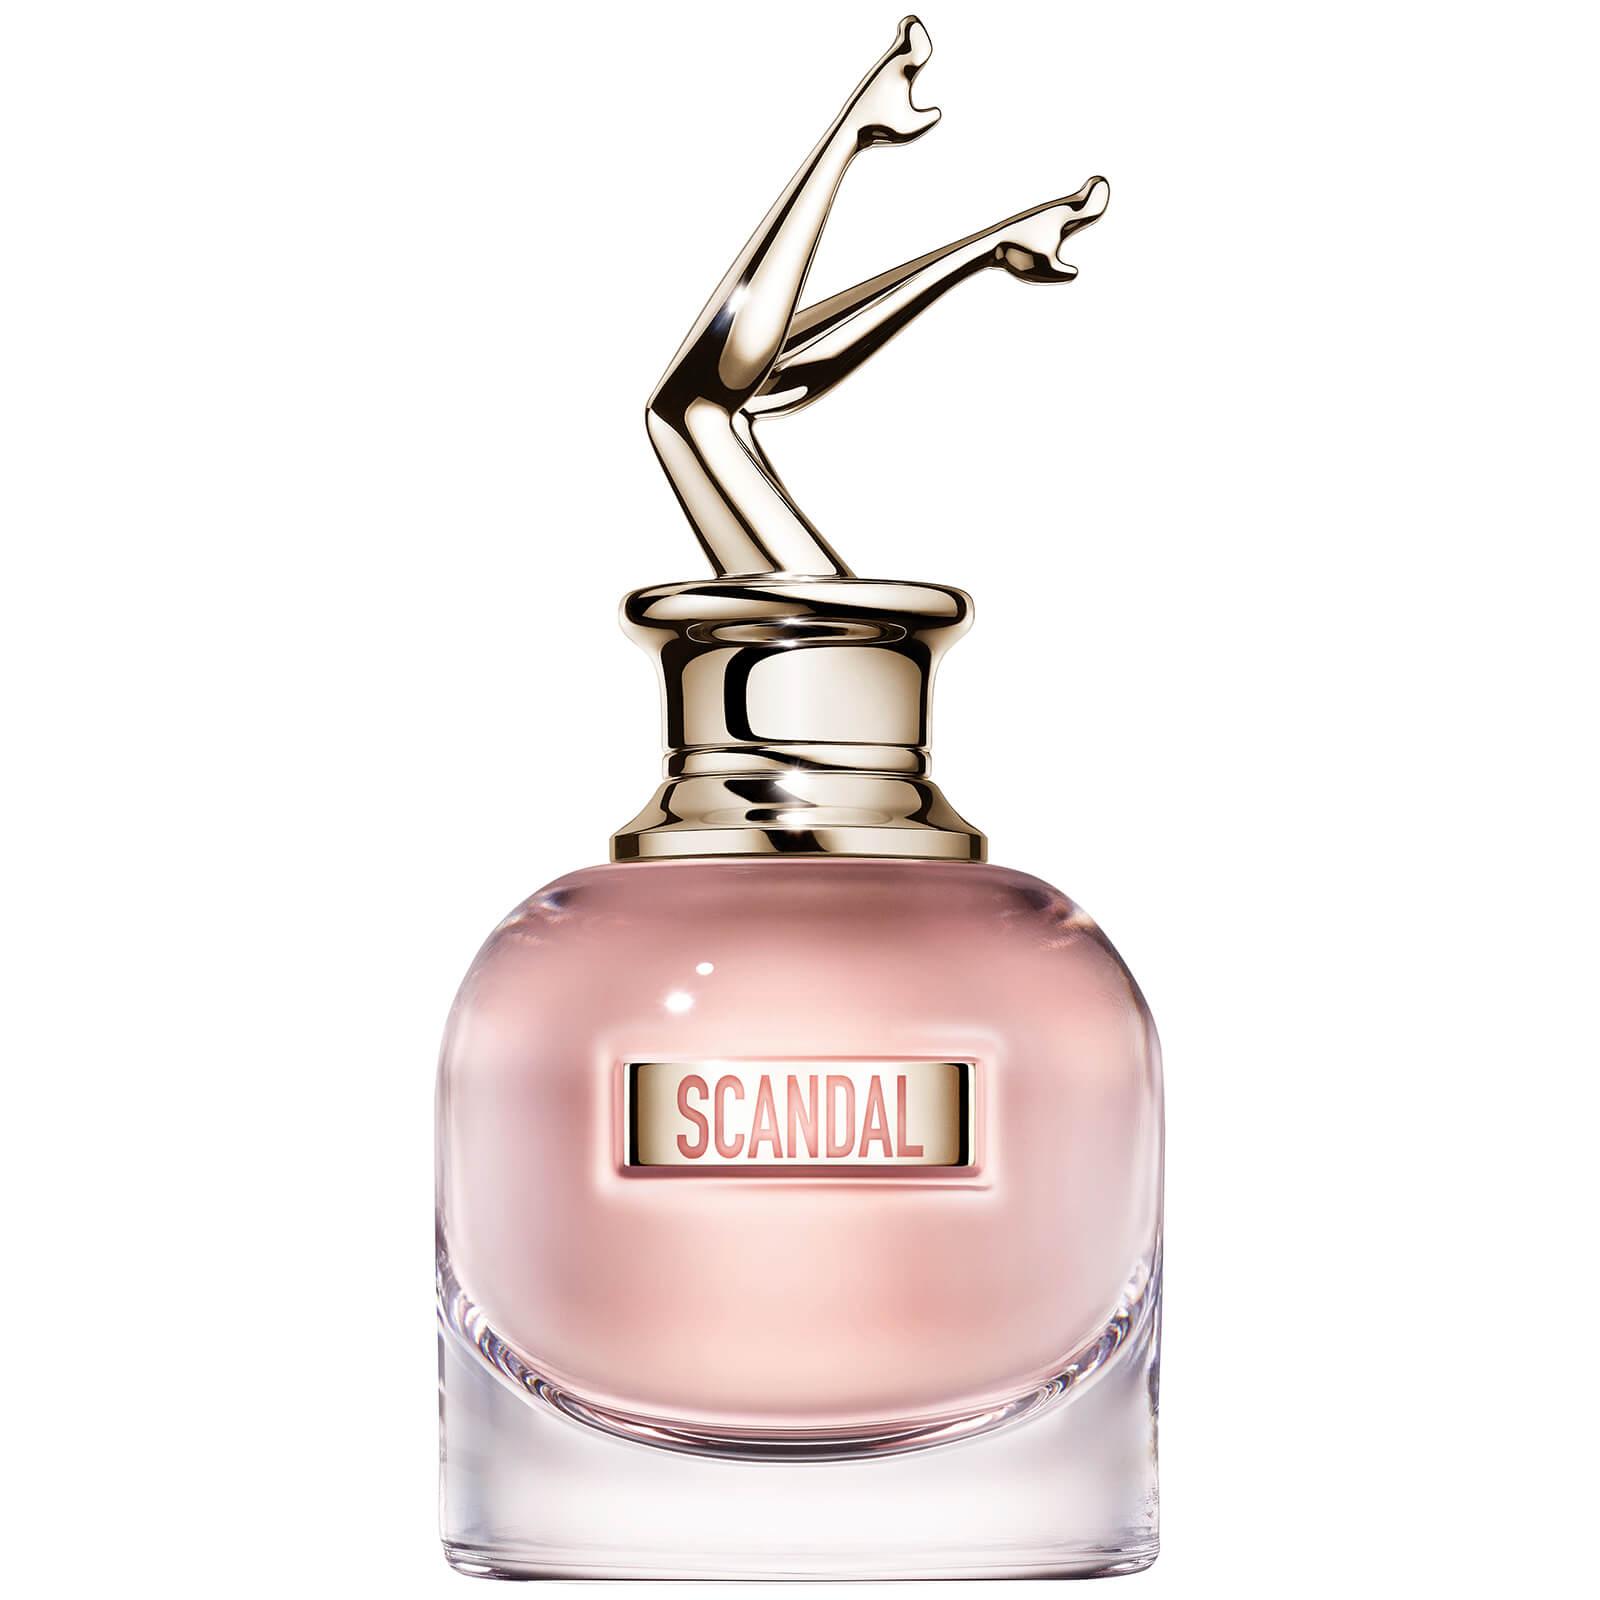 Jean Paul Gaultier Scandal Eau de Parfum Spray (Various Sizes) - 50ml